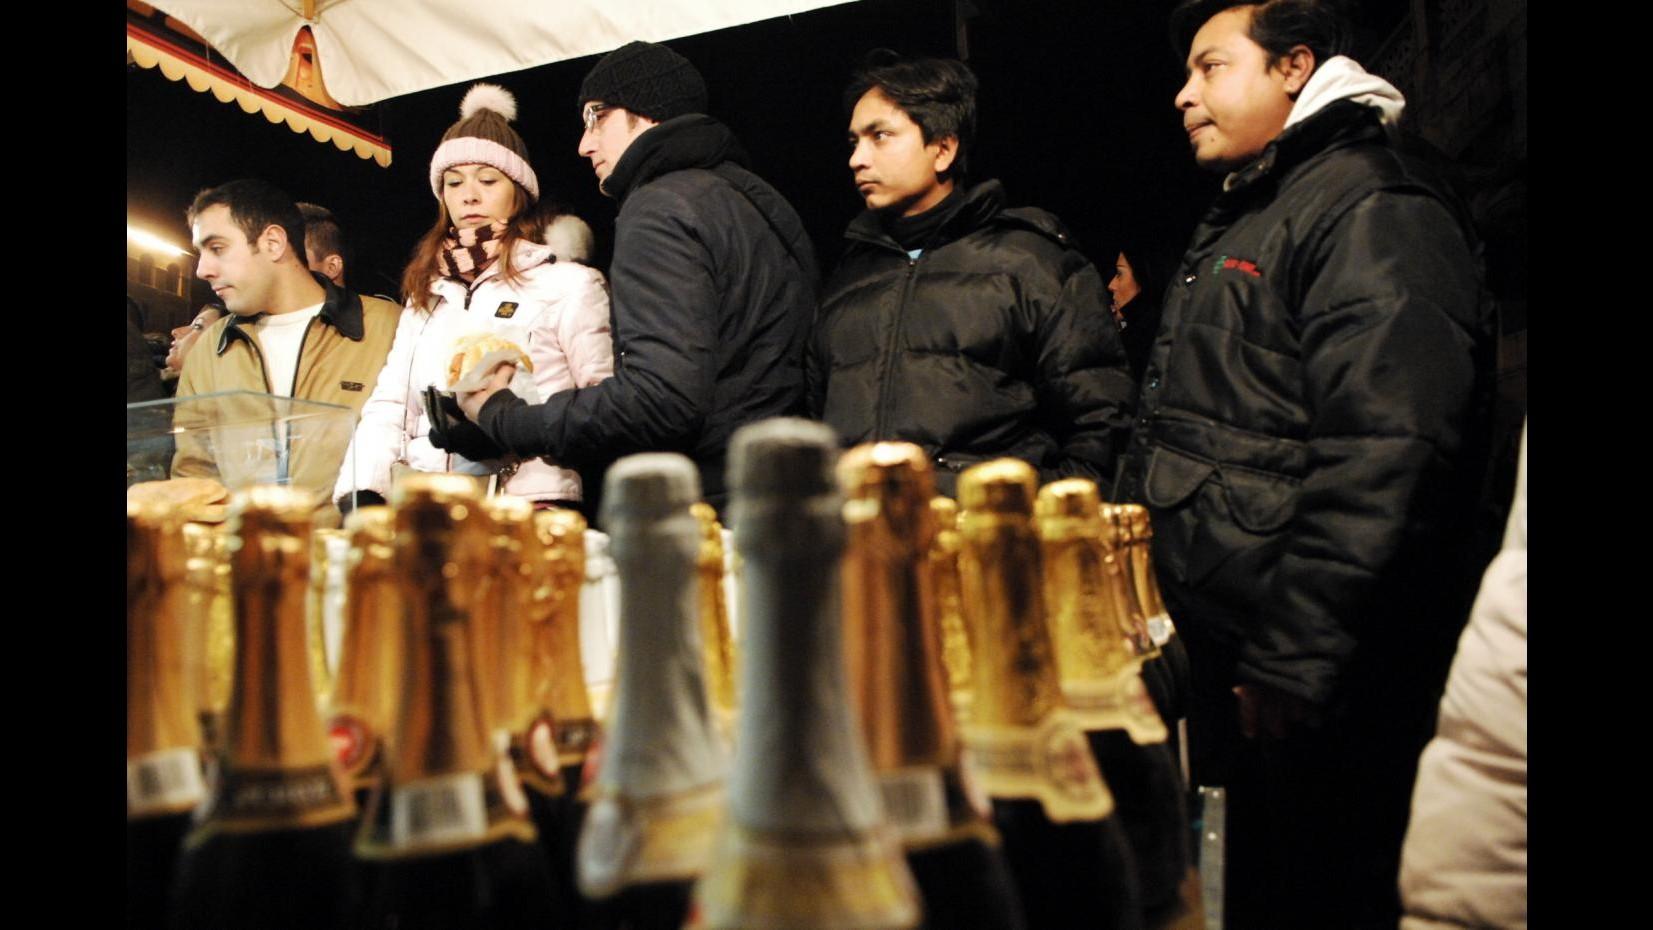 Capodanno, stappate 52 milioni bottiglie spumante italiano